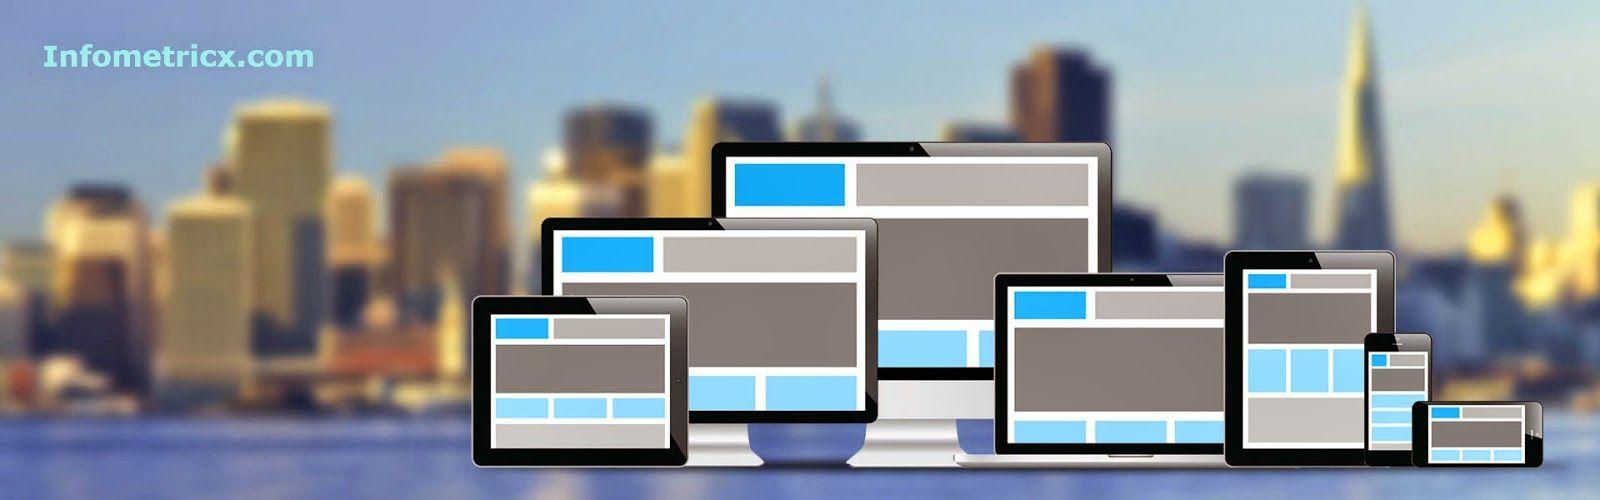 Top 10 Web Designing Chennai Top 10 Web Designing Company Web Design Services Website Design Company Website Design Services